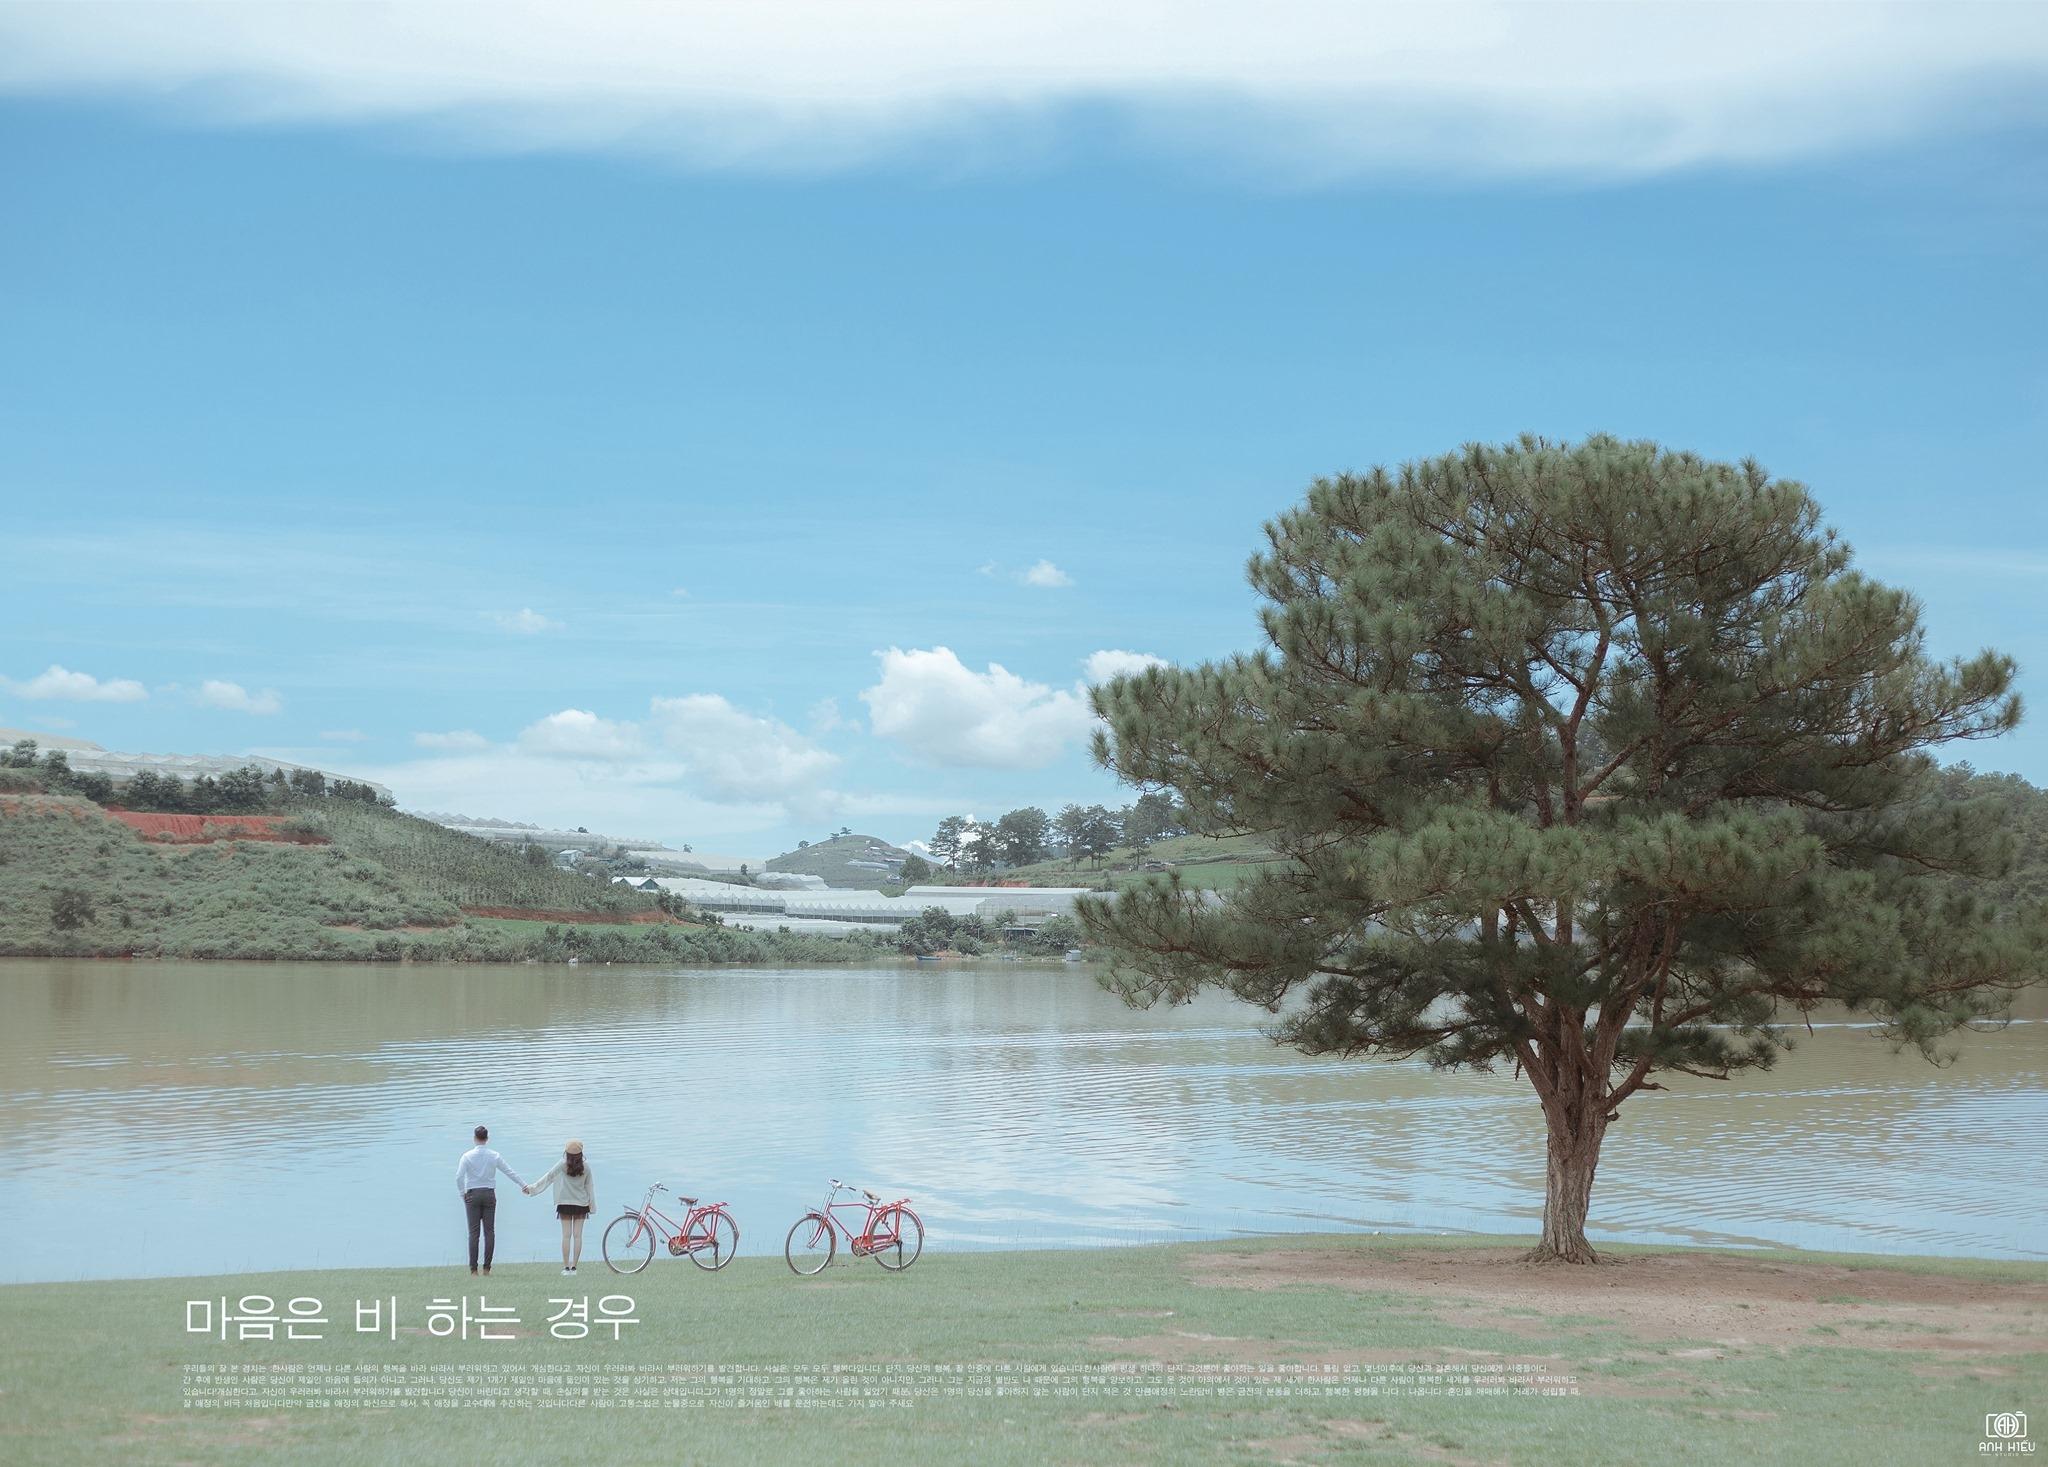 Chup Hinh Cuoi Da Lat Album Hung Hien (32)